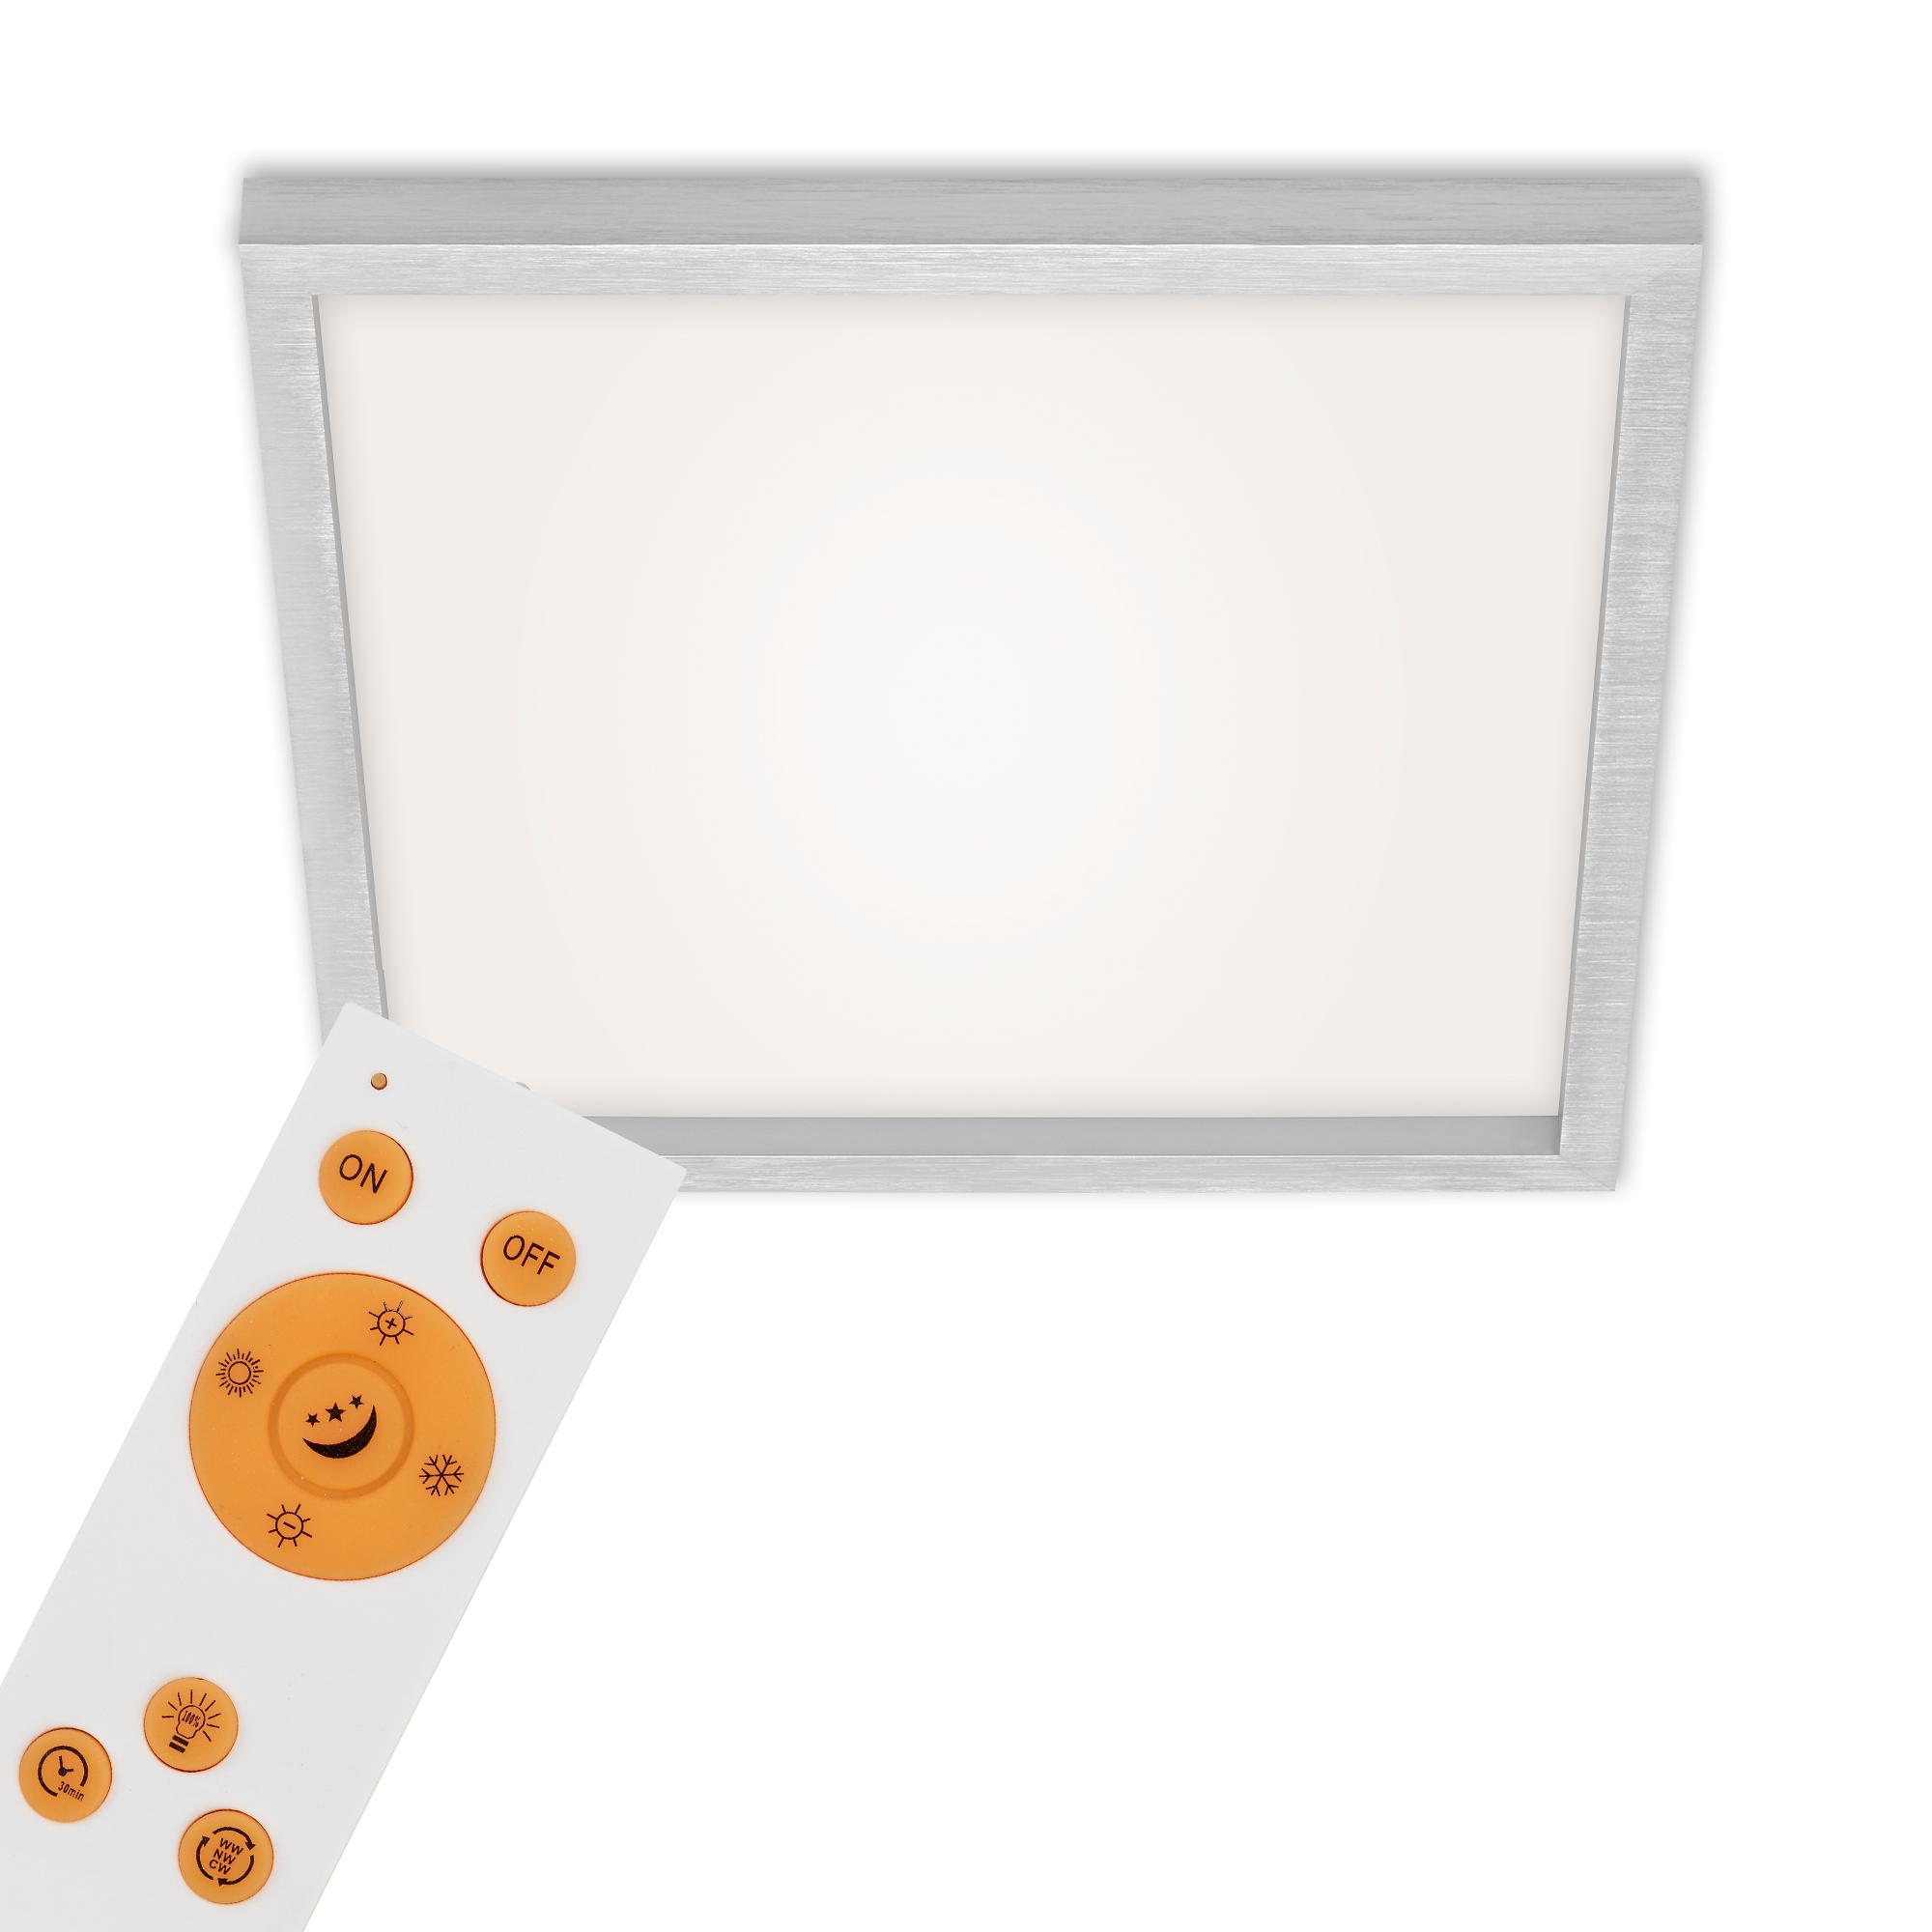 CCT LED Panel Chrom-Matt